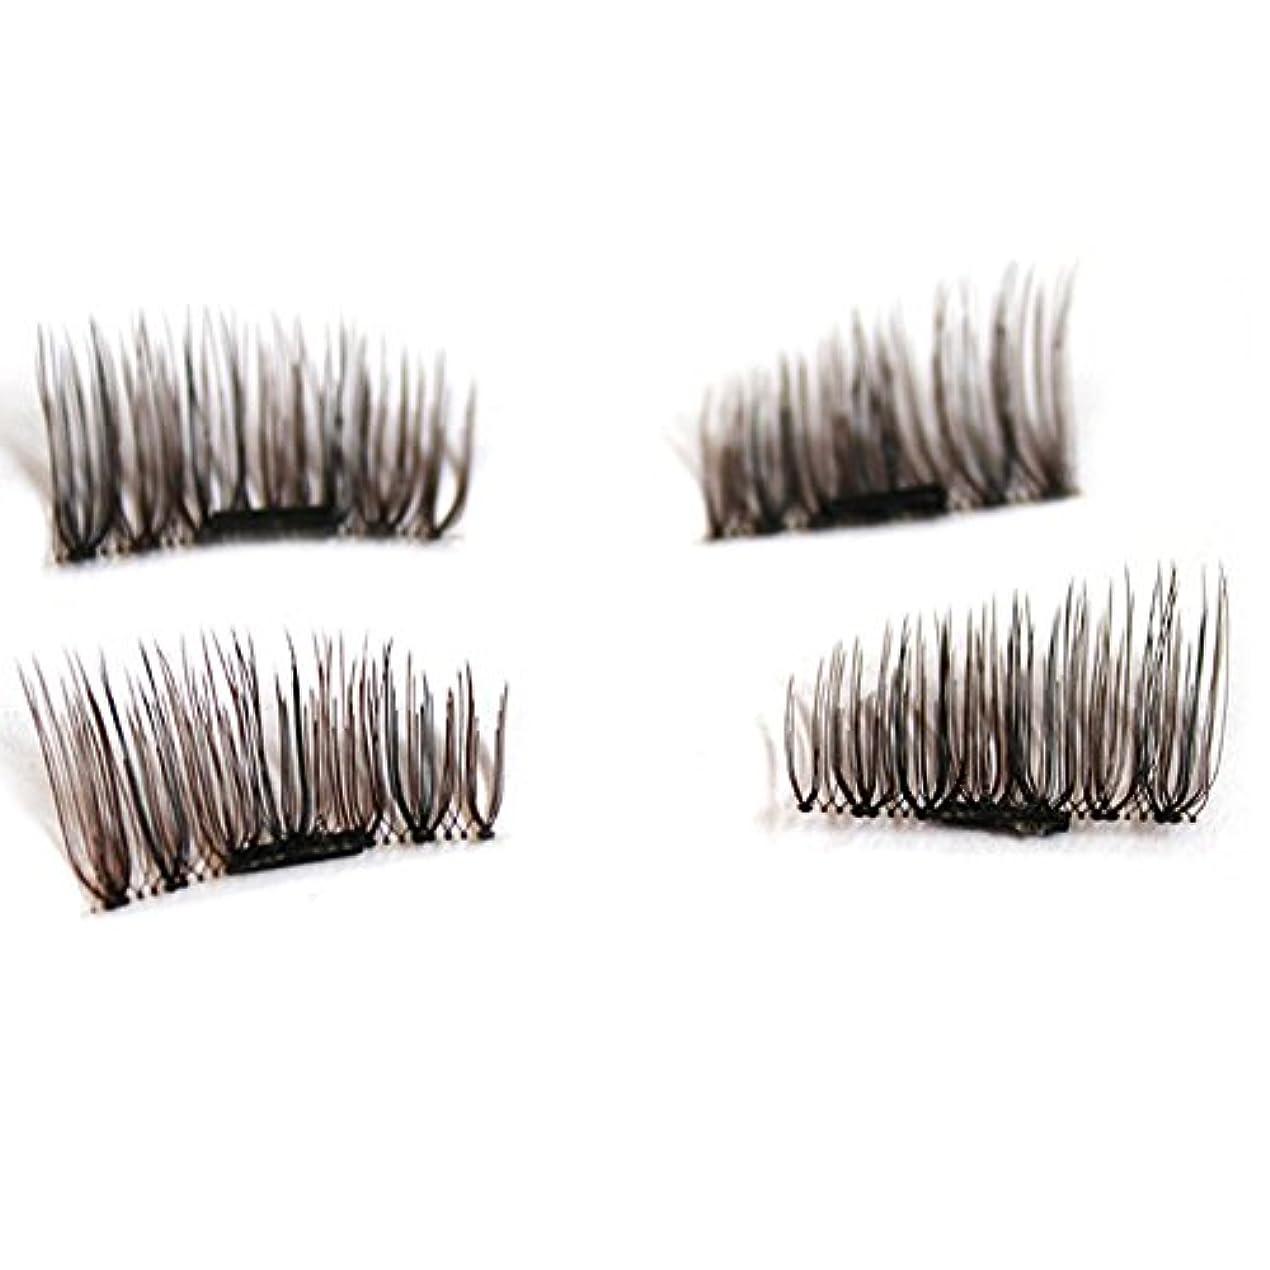 精神的に広告主同盟Cozyrom 2ペアセット つけまつげ 磁気 3D マグネット 付け睫毛 長い 再利用可能 濃密 簡単に装着 手作り